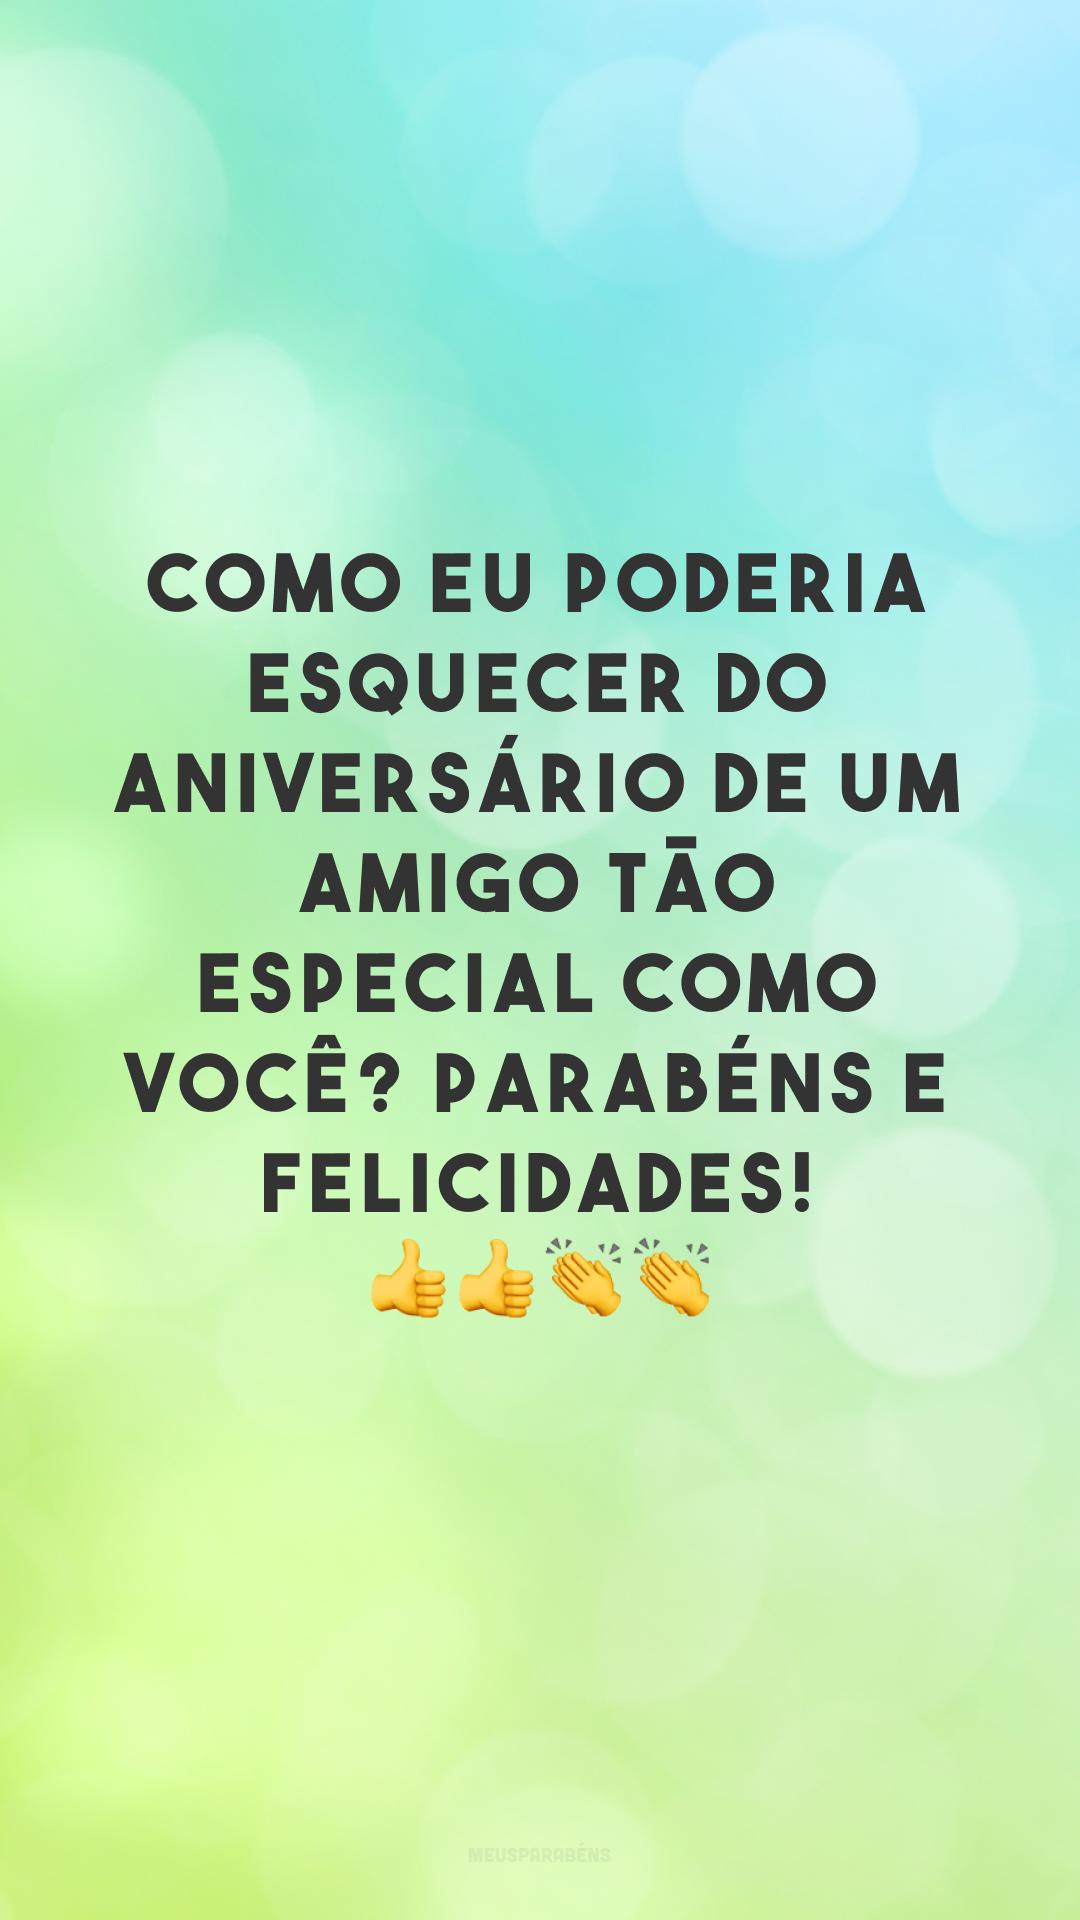 Como eu poderia esquecer do aniversário de um amigo tão especial como você? Parabéns e felicidades! 👍👍👏👏